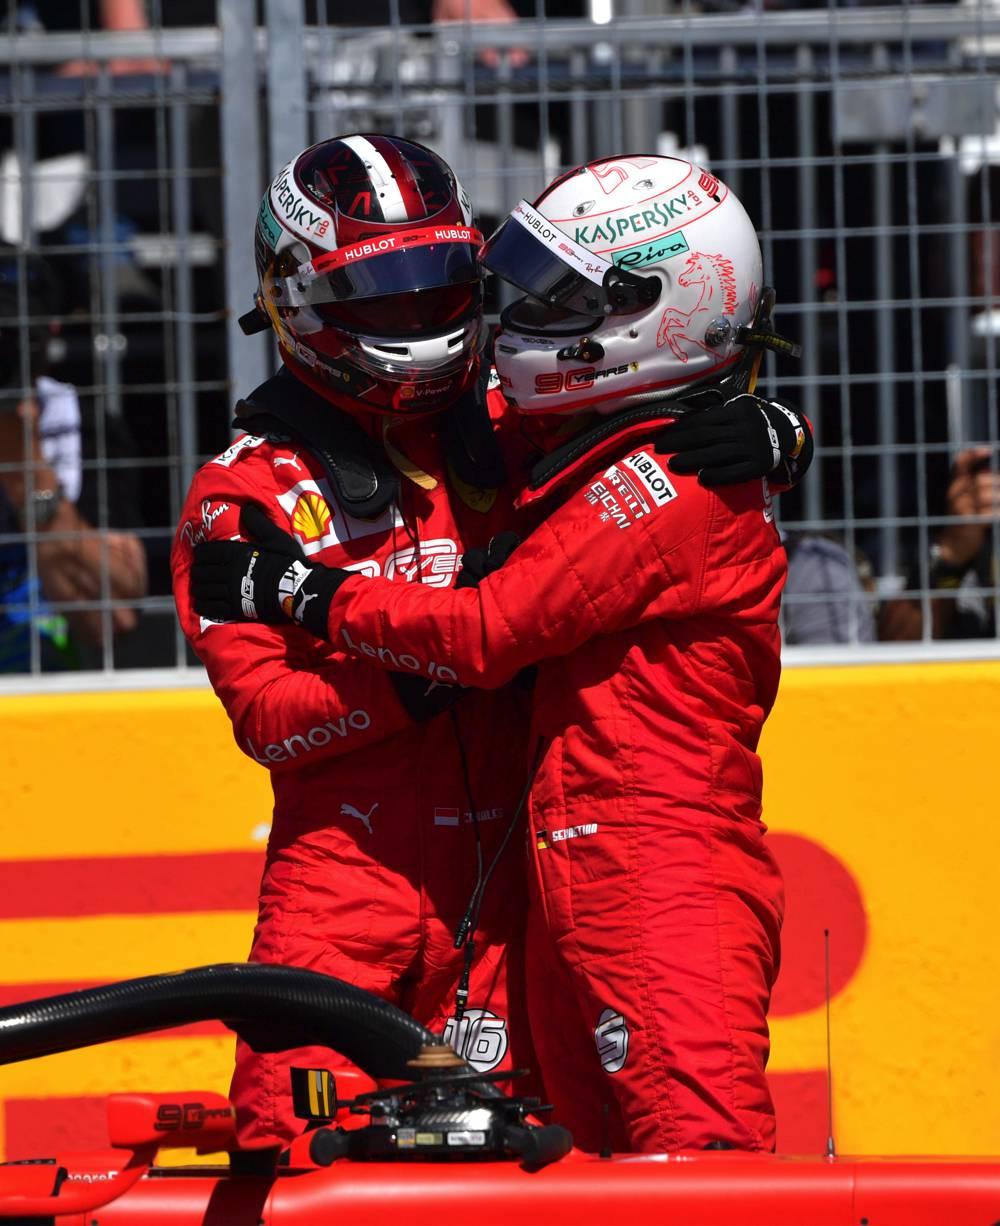 Vettel startet aus der Pole und Teamkollege Leclerc aus P3